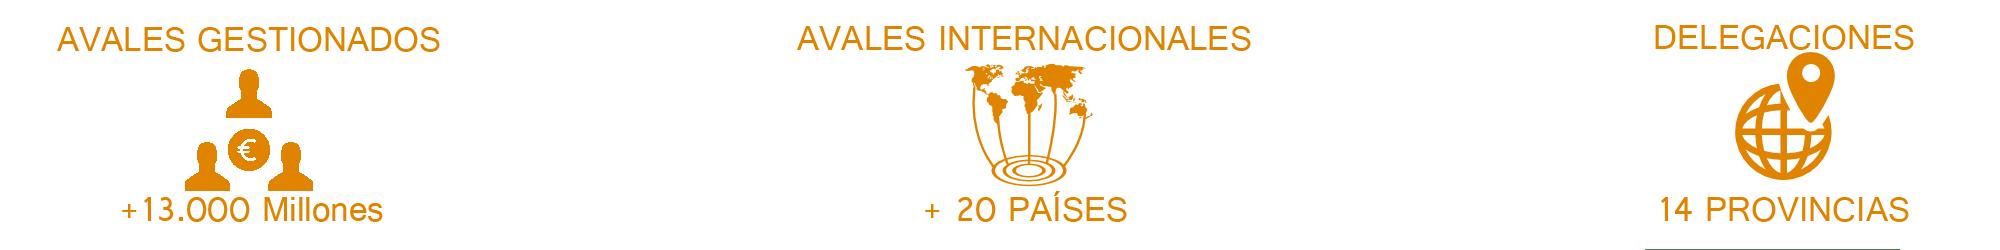 Avales internacionales